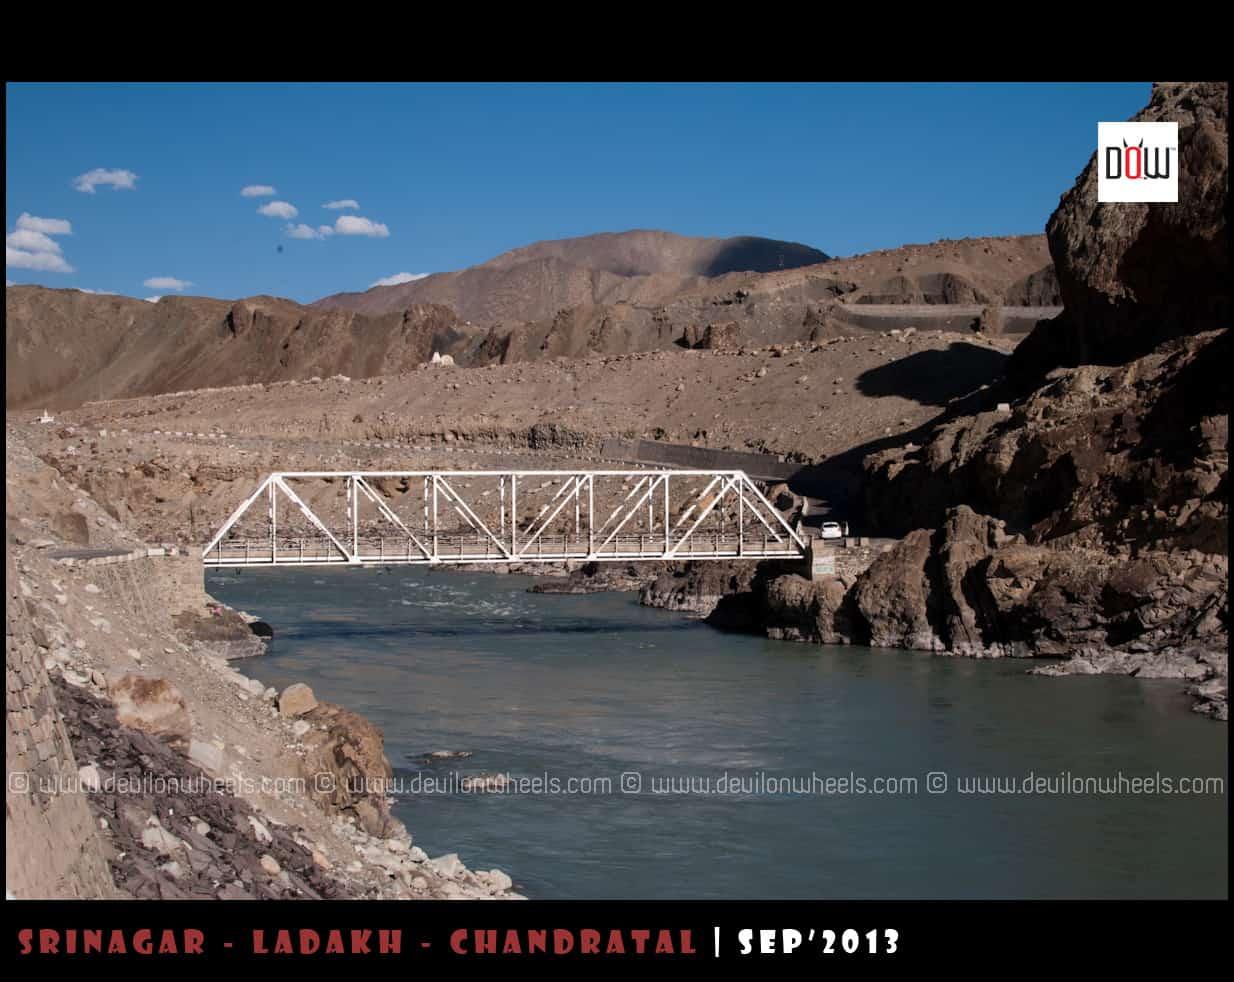 Alchi Bridge, the right side road goes to Alchi Monastery